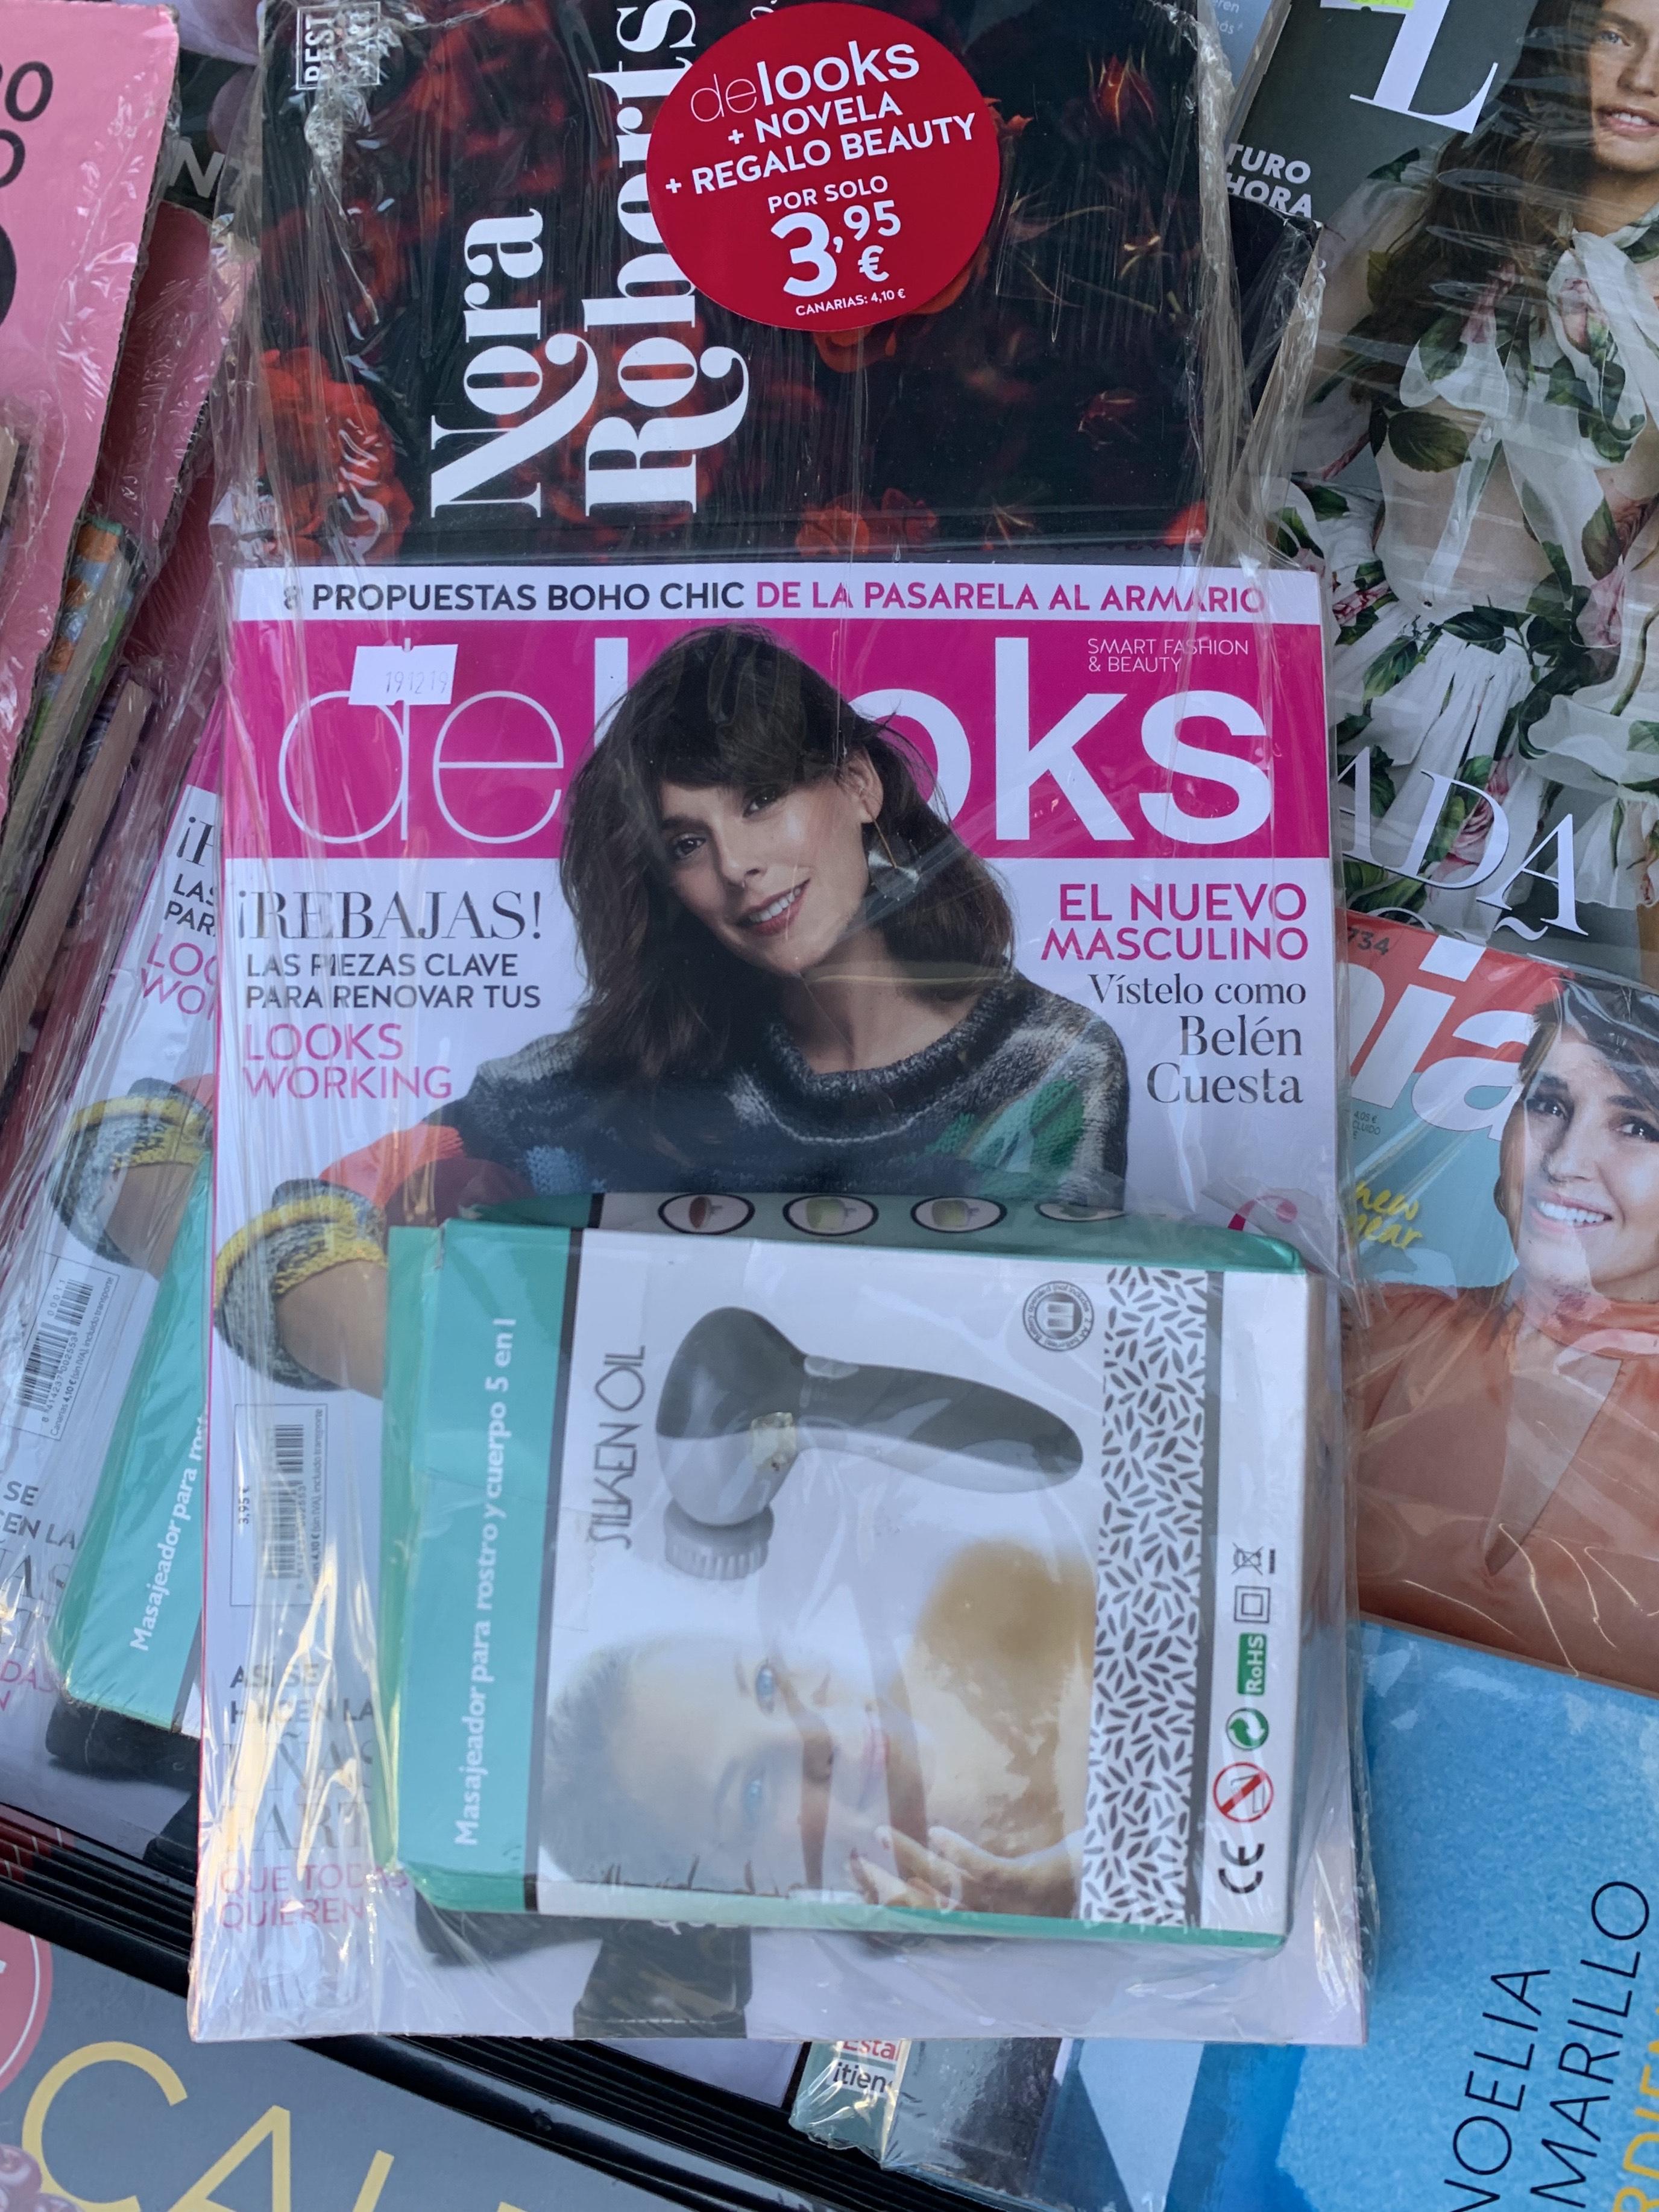 Chollokiosko Exfoliador facial Gratis con revista Delooks